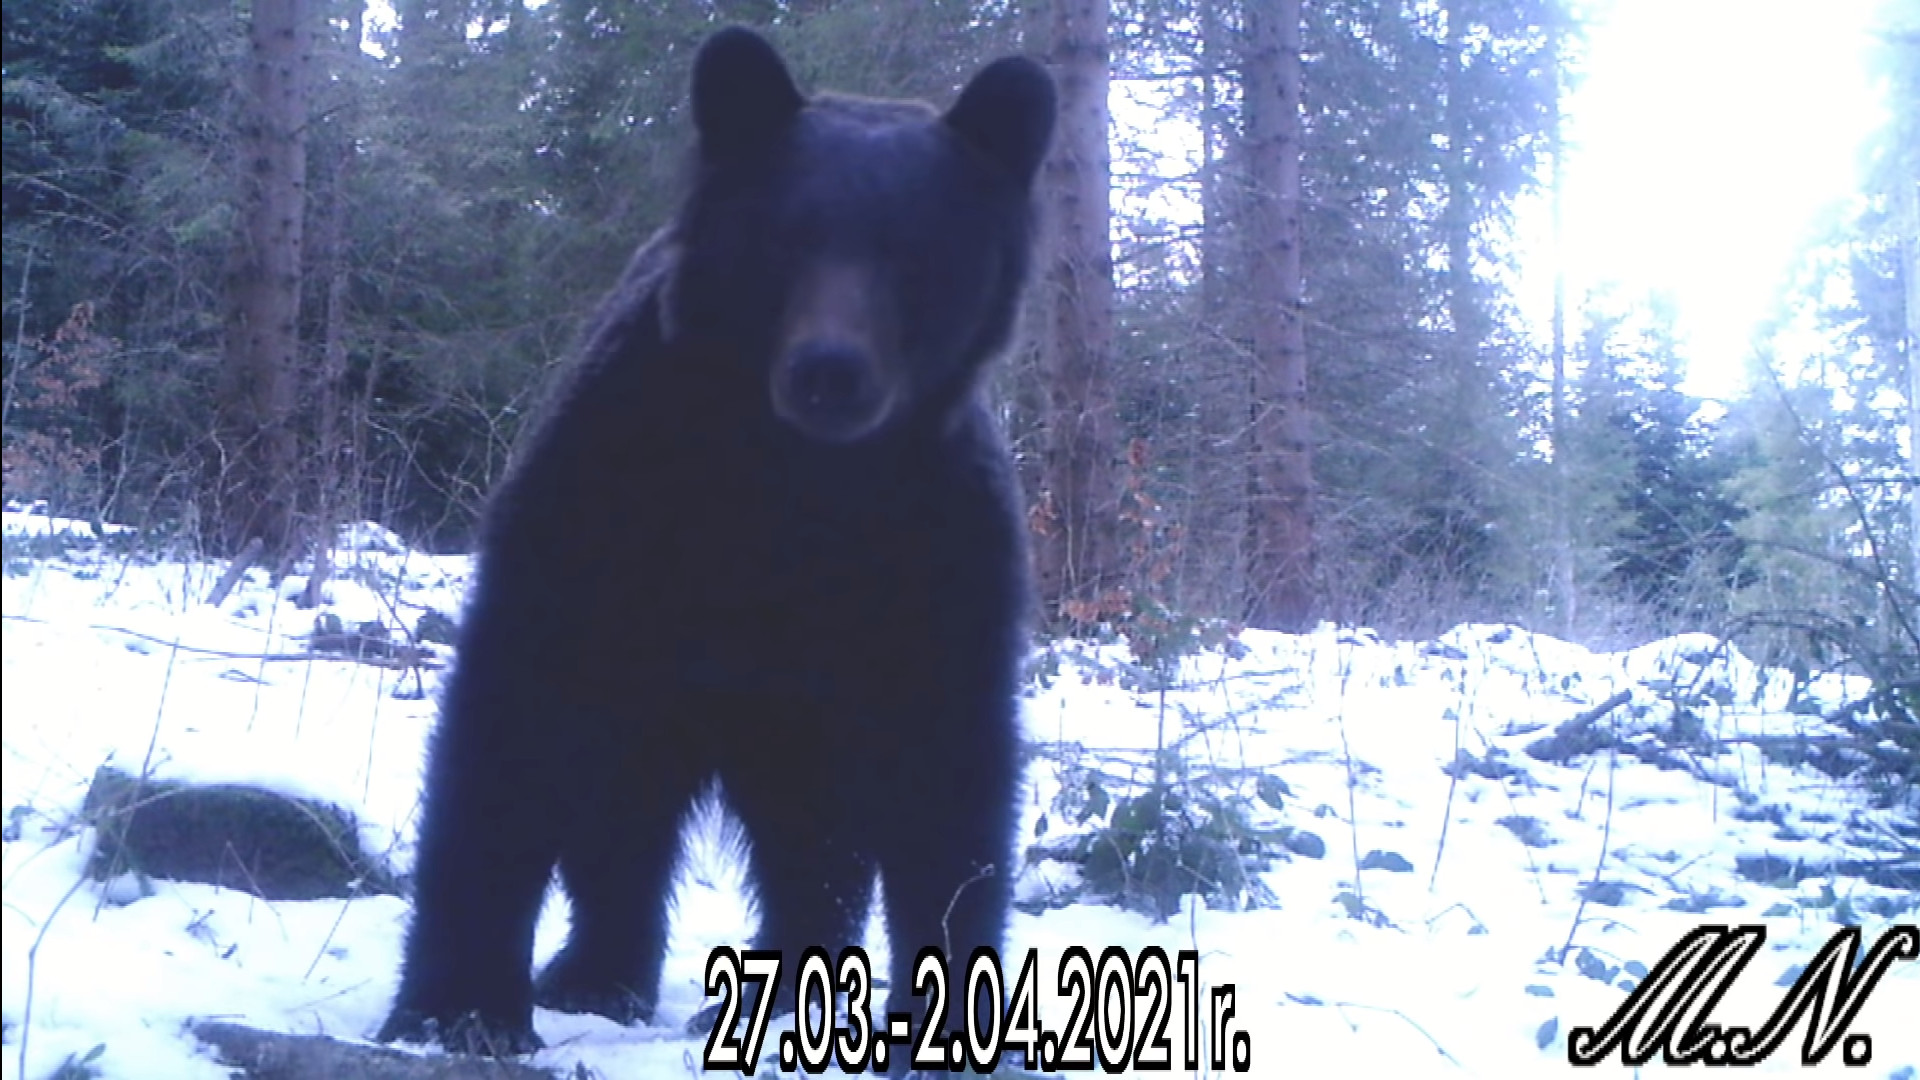 Bieszczady: Spotkał niedźwiedzia brunatnego w lesie. Zobacz nagranie - Zdjęcie główne